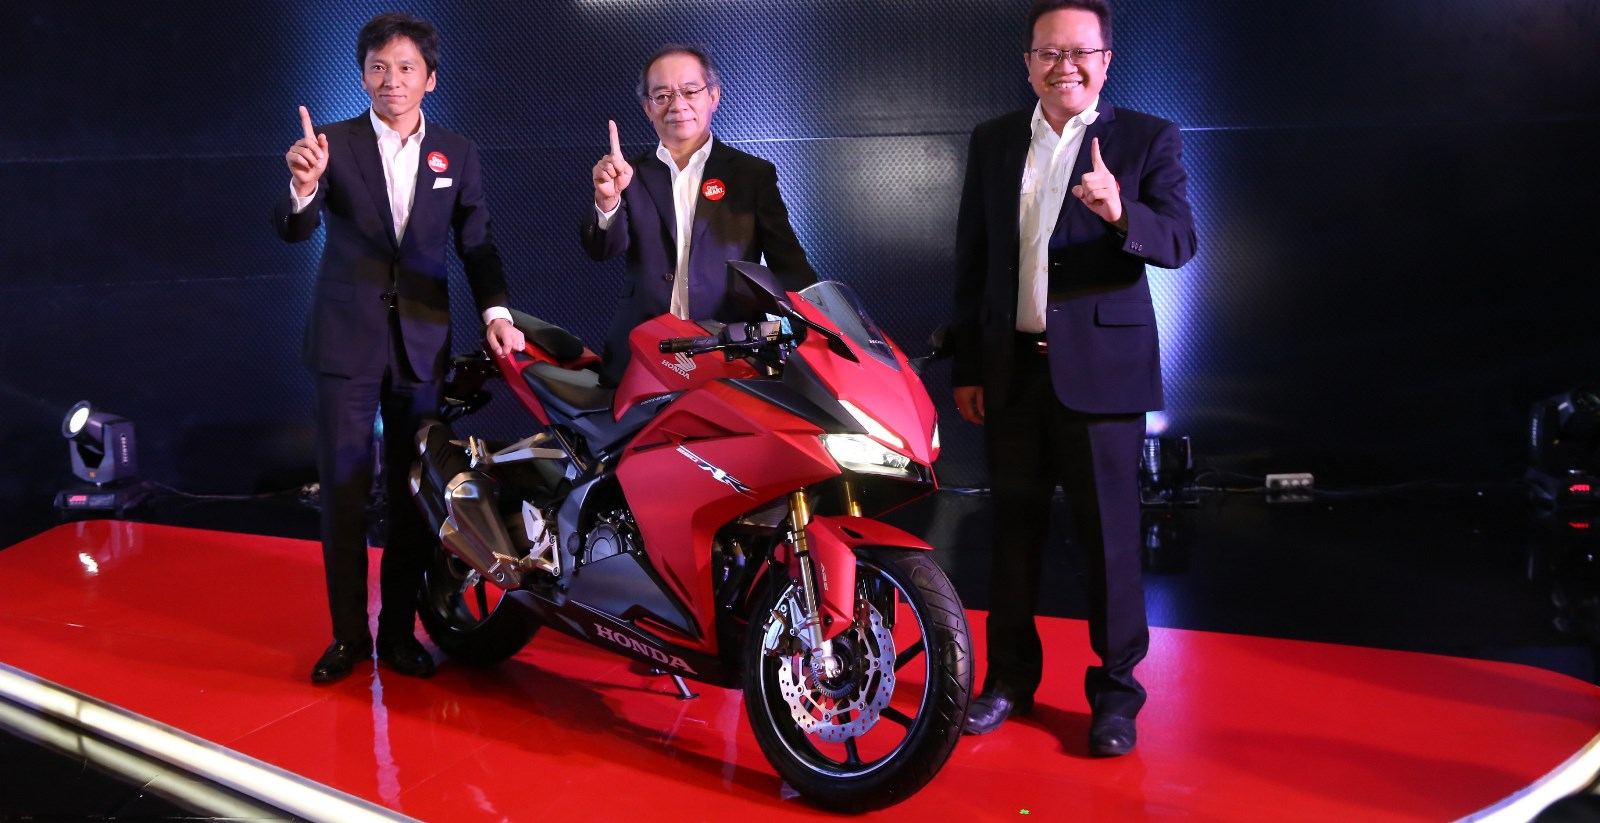 Anisa Counter Sales Dealer Nagamas Motor Klaten Updateevent All New Cb 150r Streetfire Wild Black Jepara Ahm Rilis Varian Baru Honda Cbr250rr